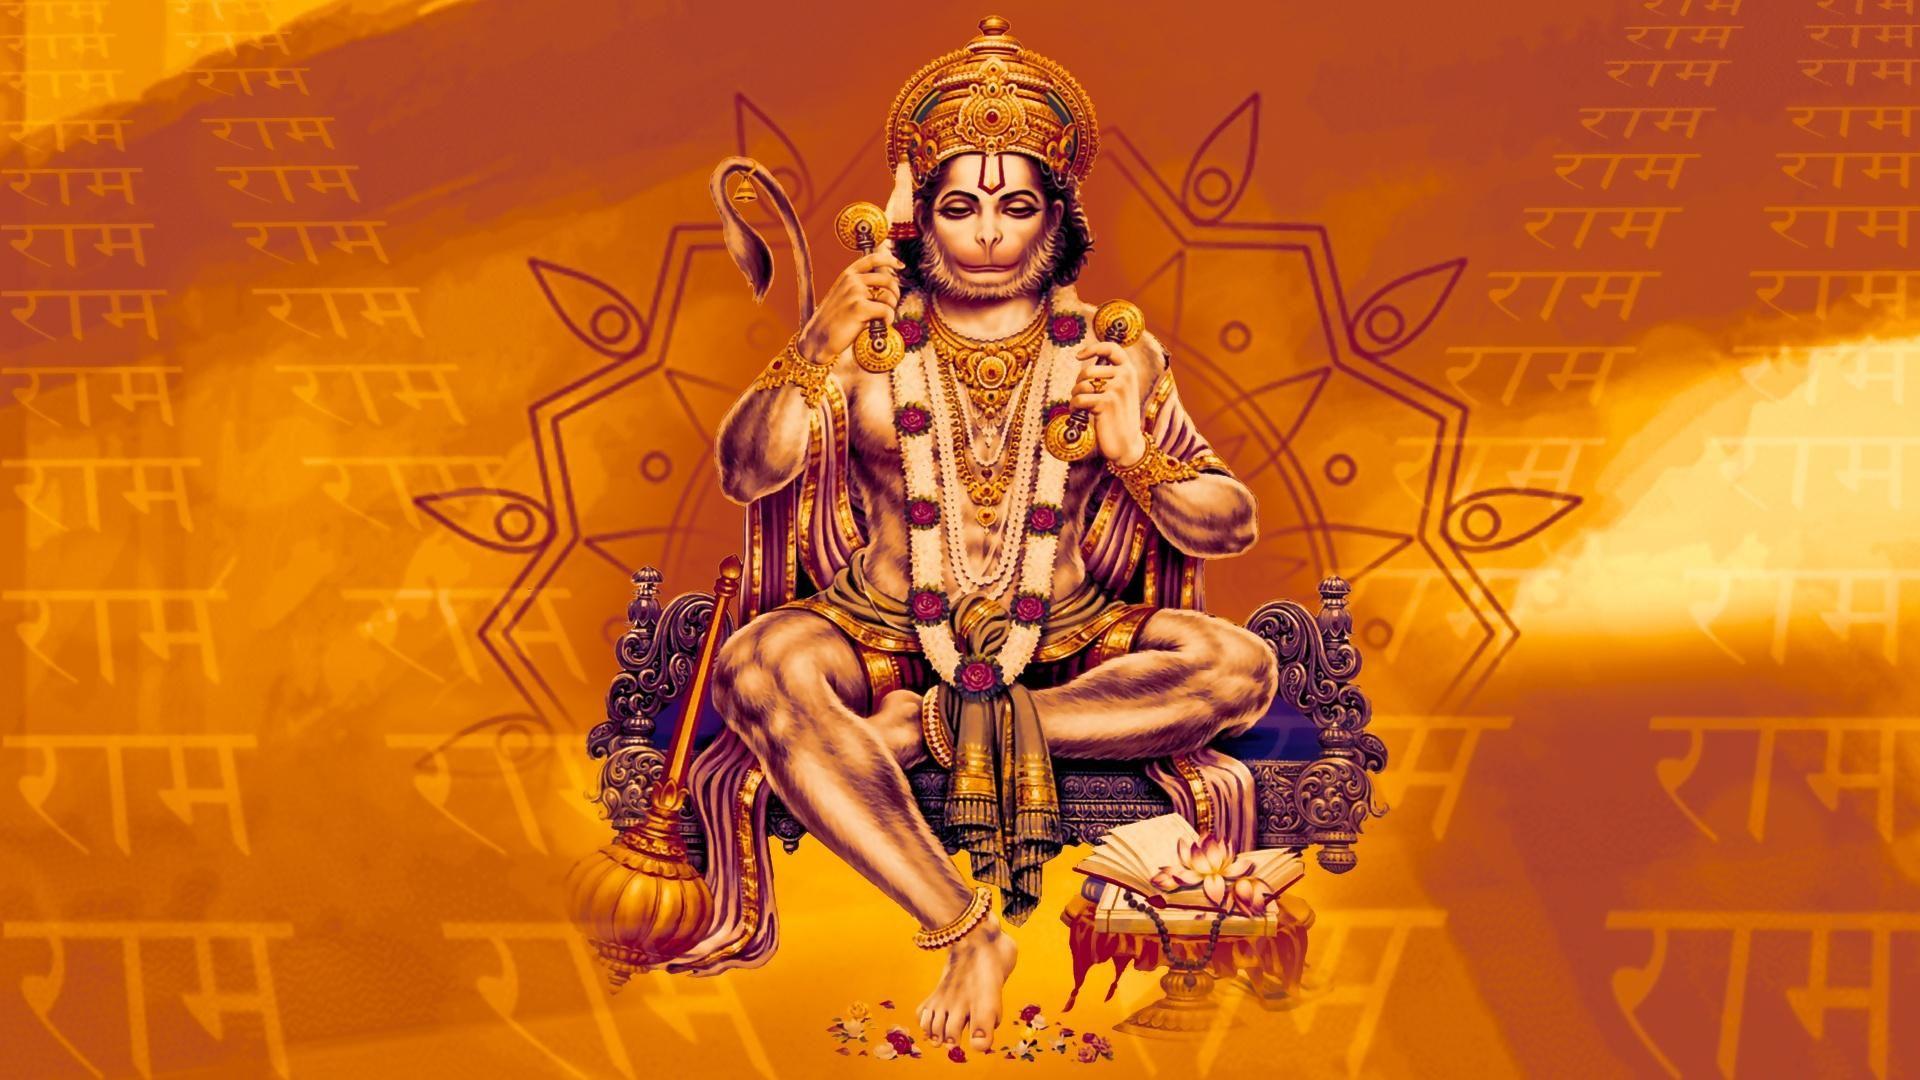 Wallpaper Hanuman Ji Full Size 67 Pictures In 2020 Hanuman Images Lord Hanuman Hanuman